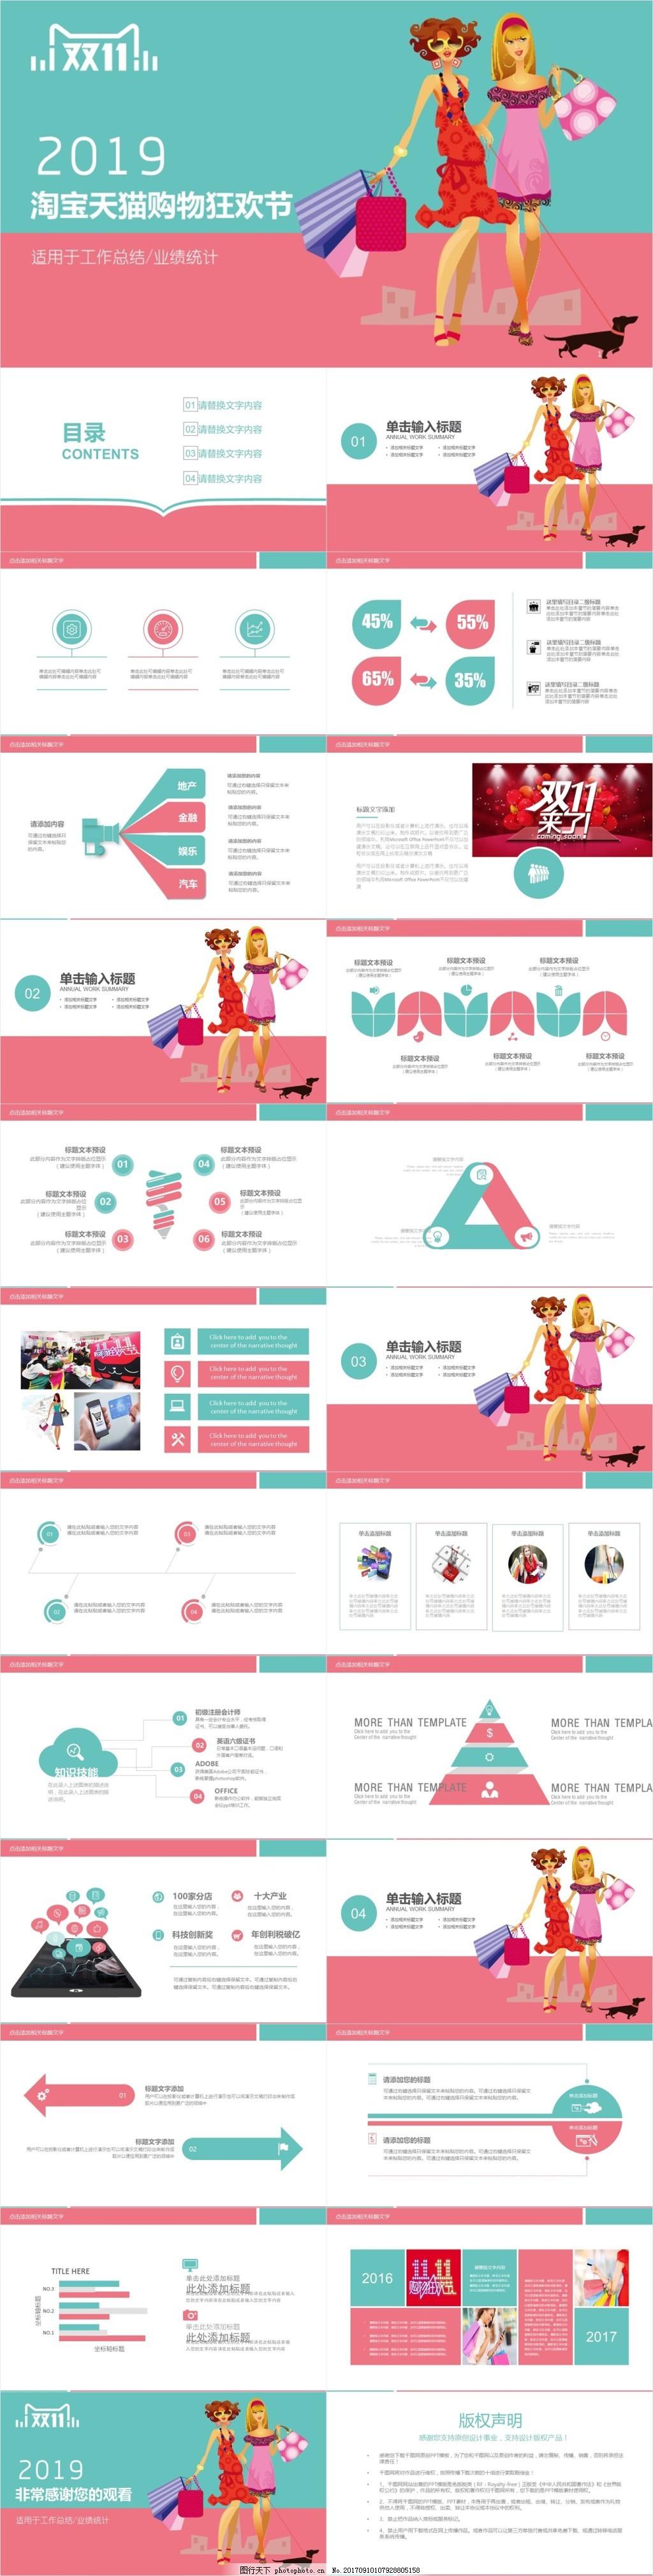 淘宝天猫双11网店活动策划PPT模板,双十一,双11PPT,购物节,双11活动策划,互联网,网络购物